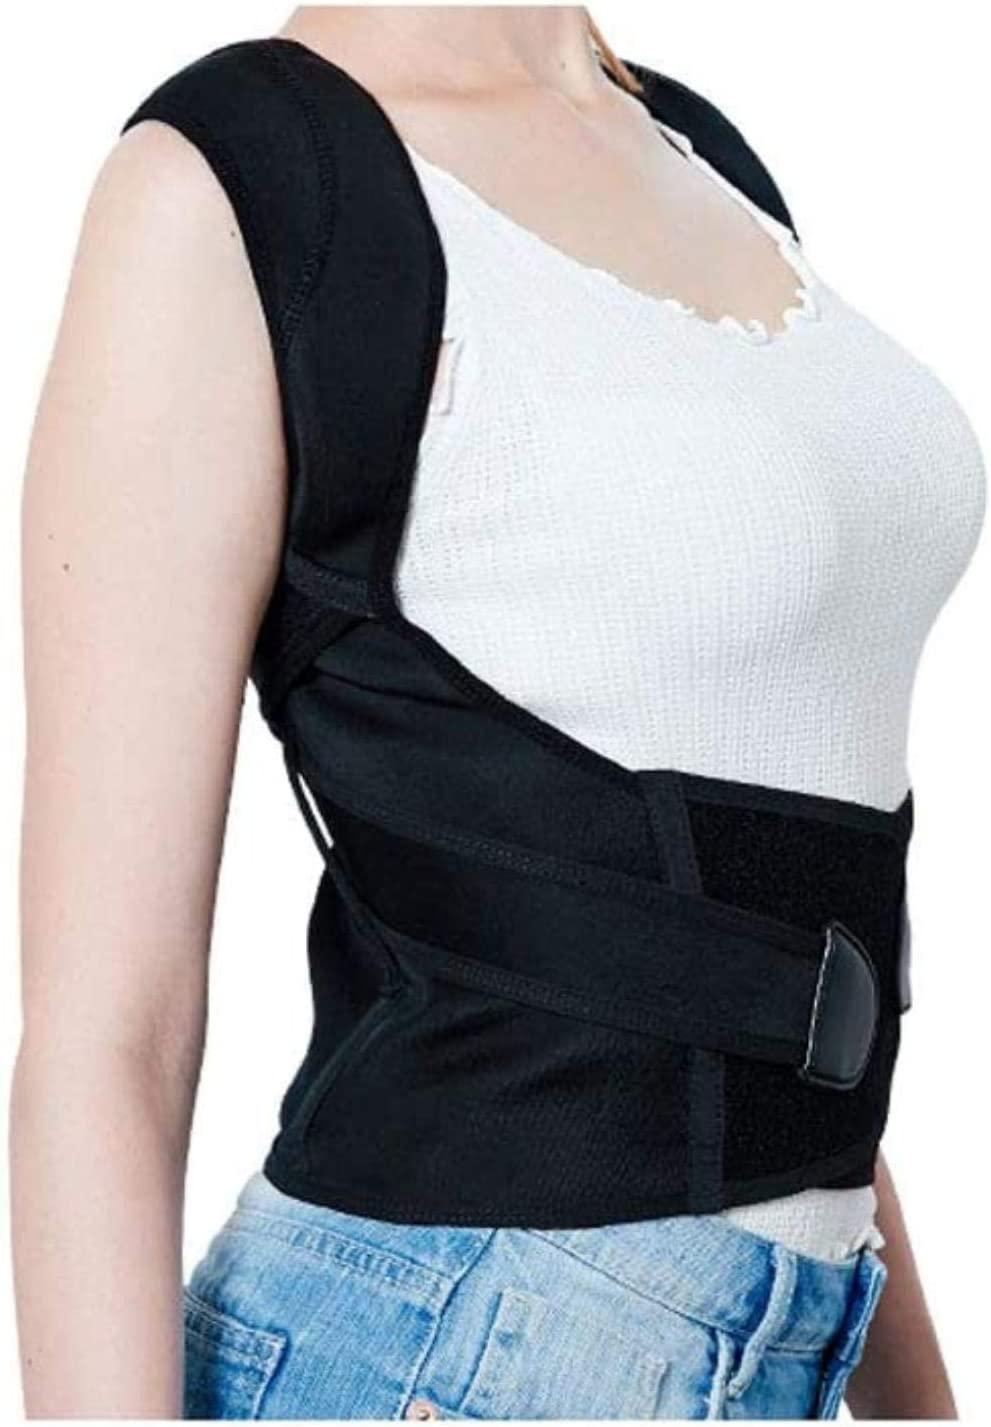 Soportes de hombro con cuello trasero Corrección jorobada infantil Cinturón Estudiante niño humano masculino y femenino Tronco Espalda Correa correctora de cifosis ( Size : L (waistline:60-70cm) )